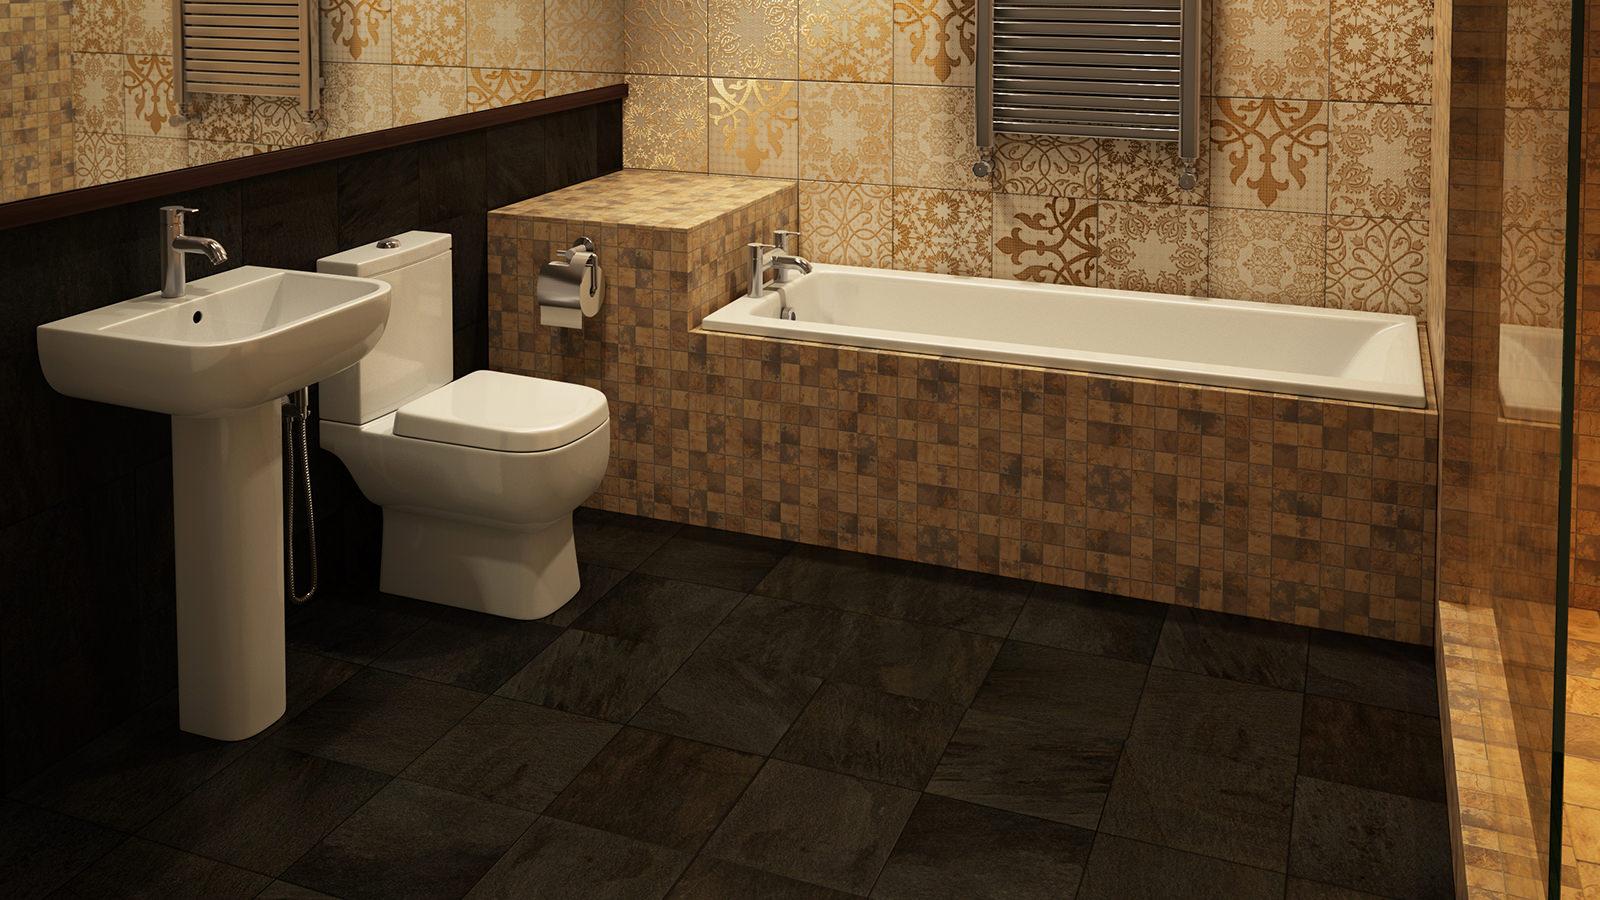 Rak bathroom suites - Rak Series 600 Bathroom Suite